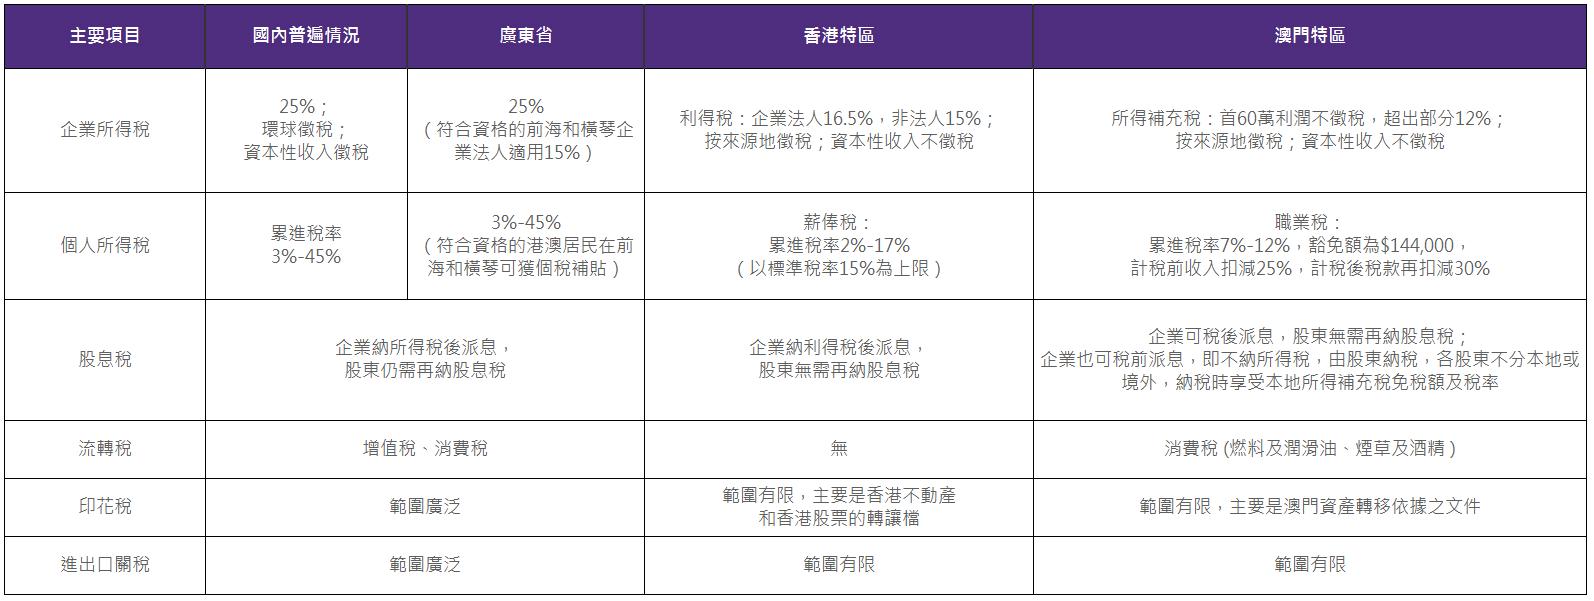 內地、香港、澳門稅收對比